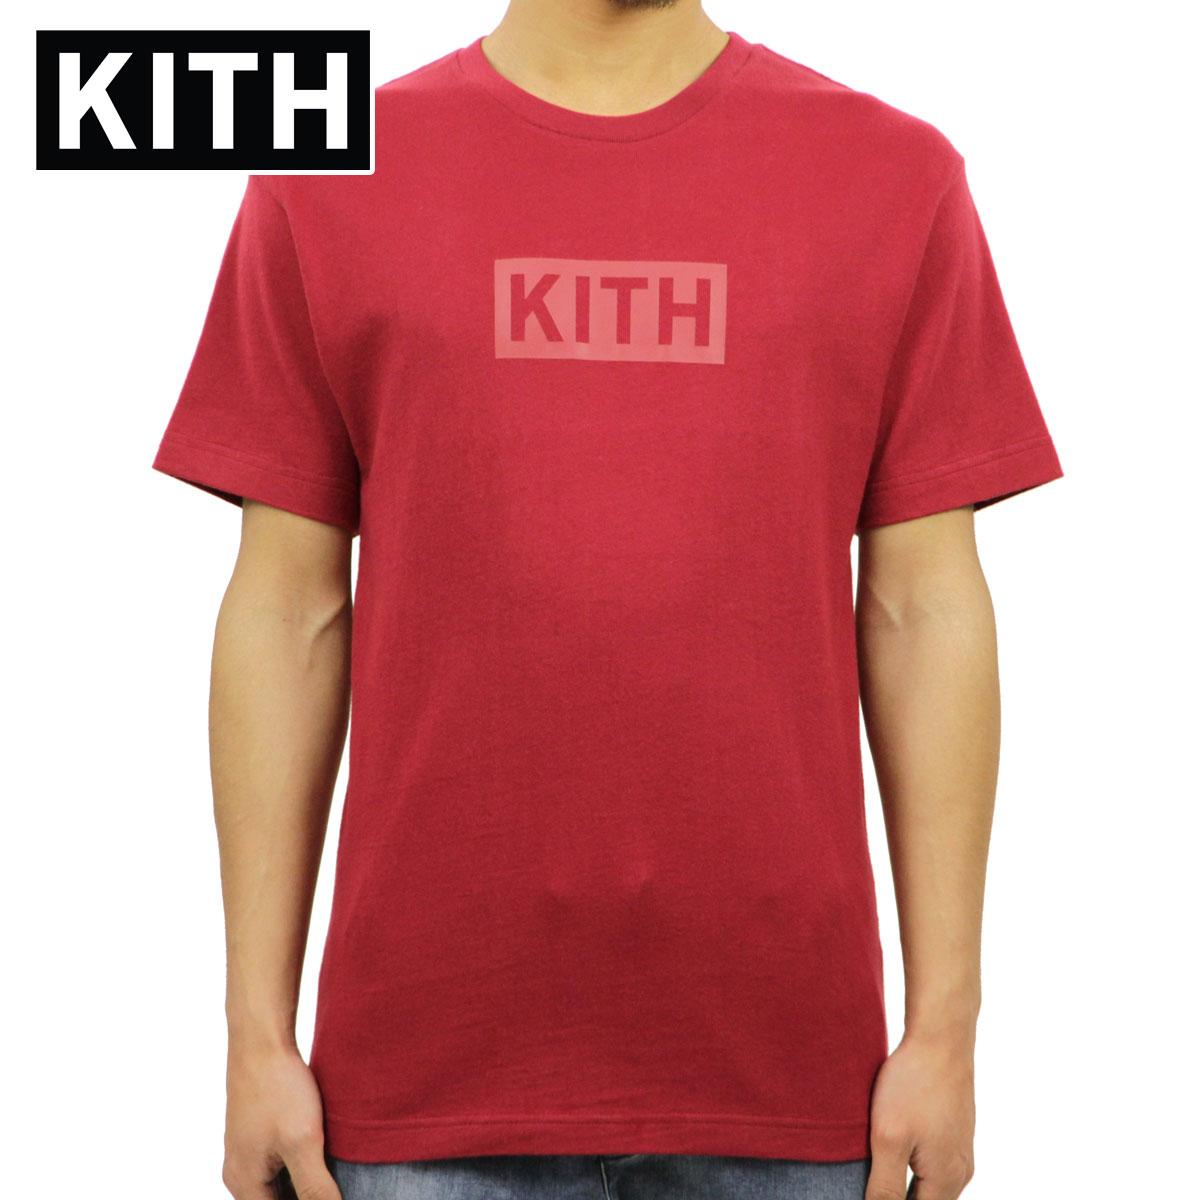 キス Tシャツ 正規品 KITH 半袖Tシャツ クルーネック KITH BOX LOGO TEE KH3139-210 RED/RED